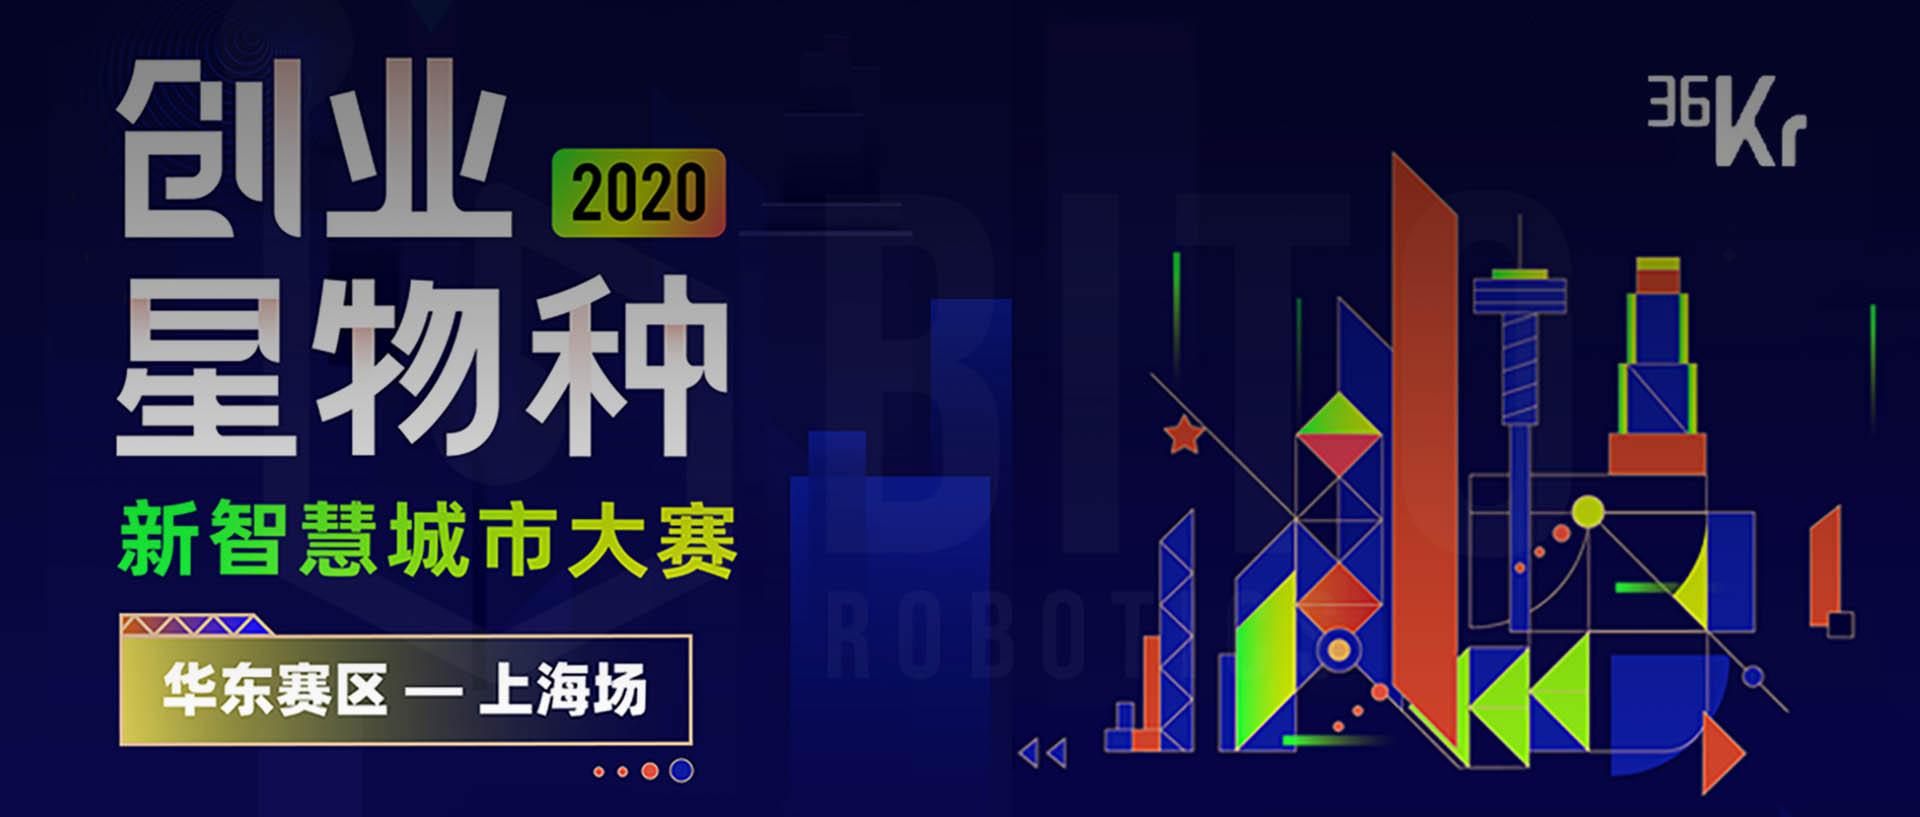 喜讯 | 宾通智能荣获36氪2020创业星物种 新智慧城市大赛-华东赛区上海站-第一名